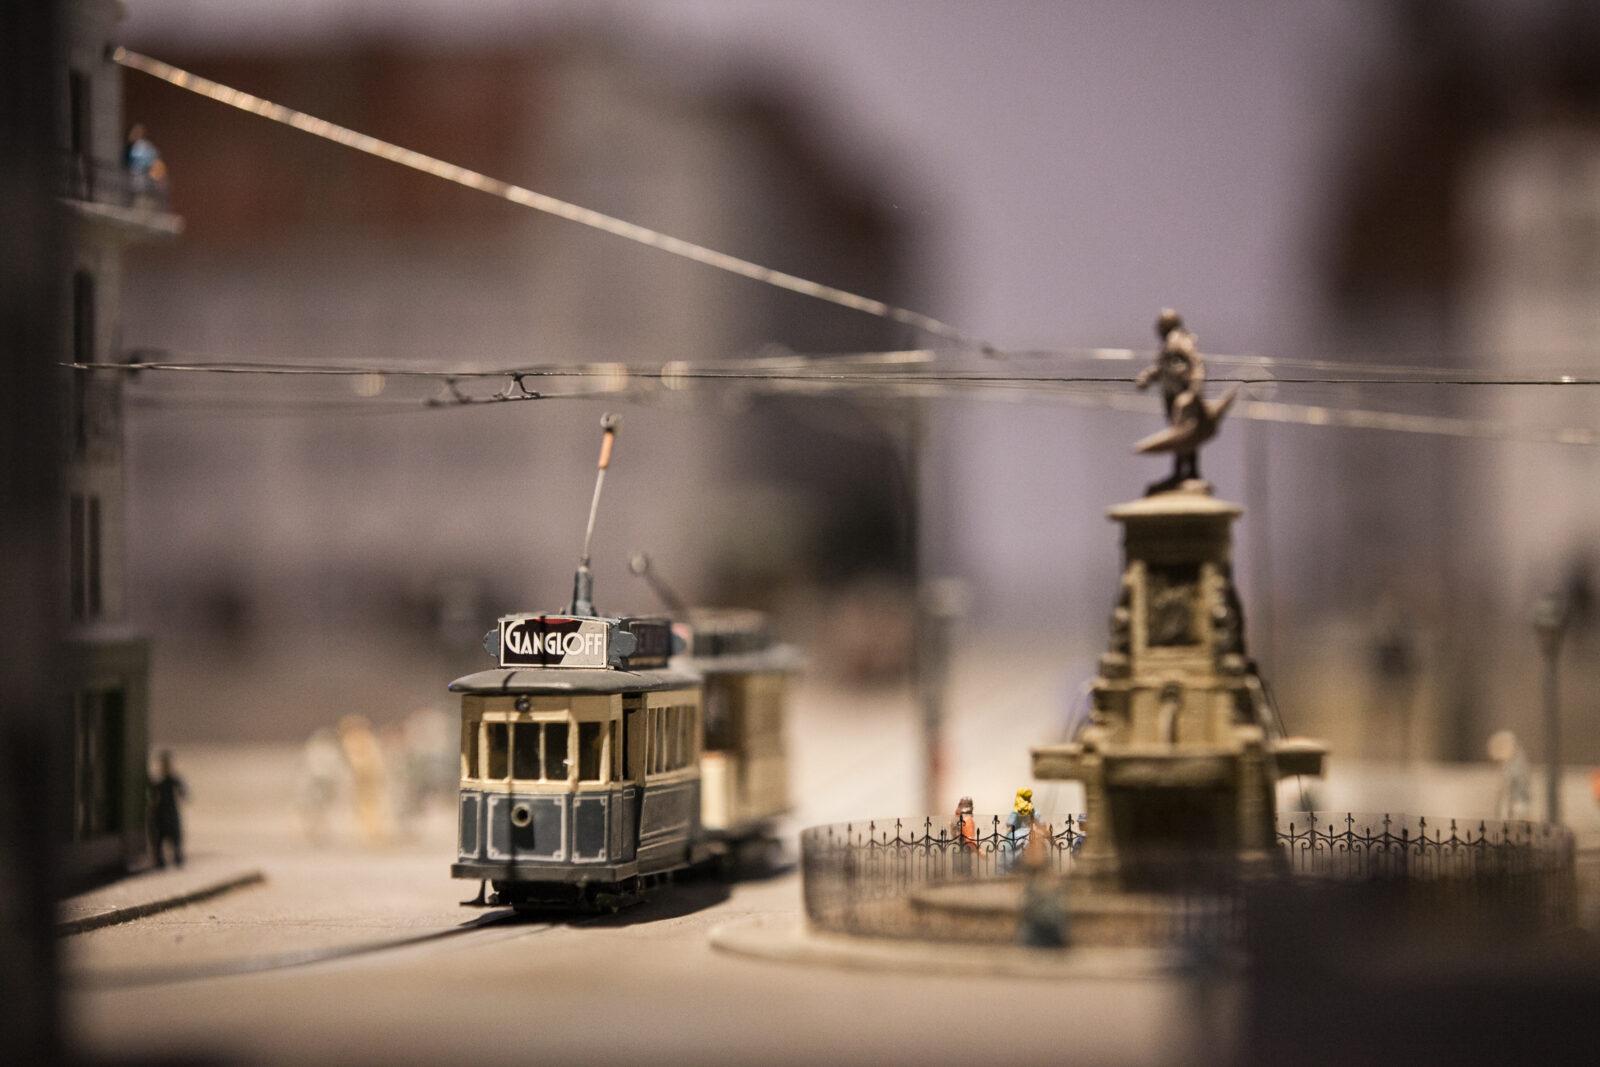 Exposition En voiture m'sieurs Dames sur l'histoire du tram à Besançon